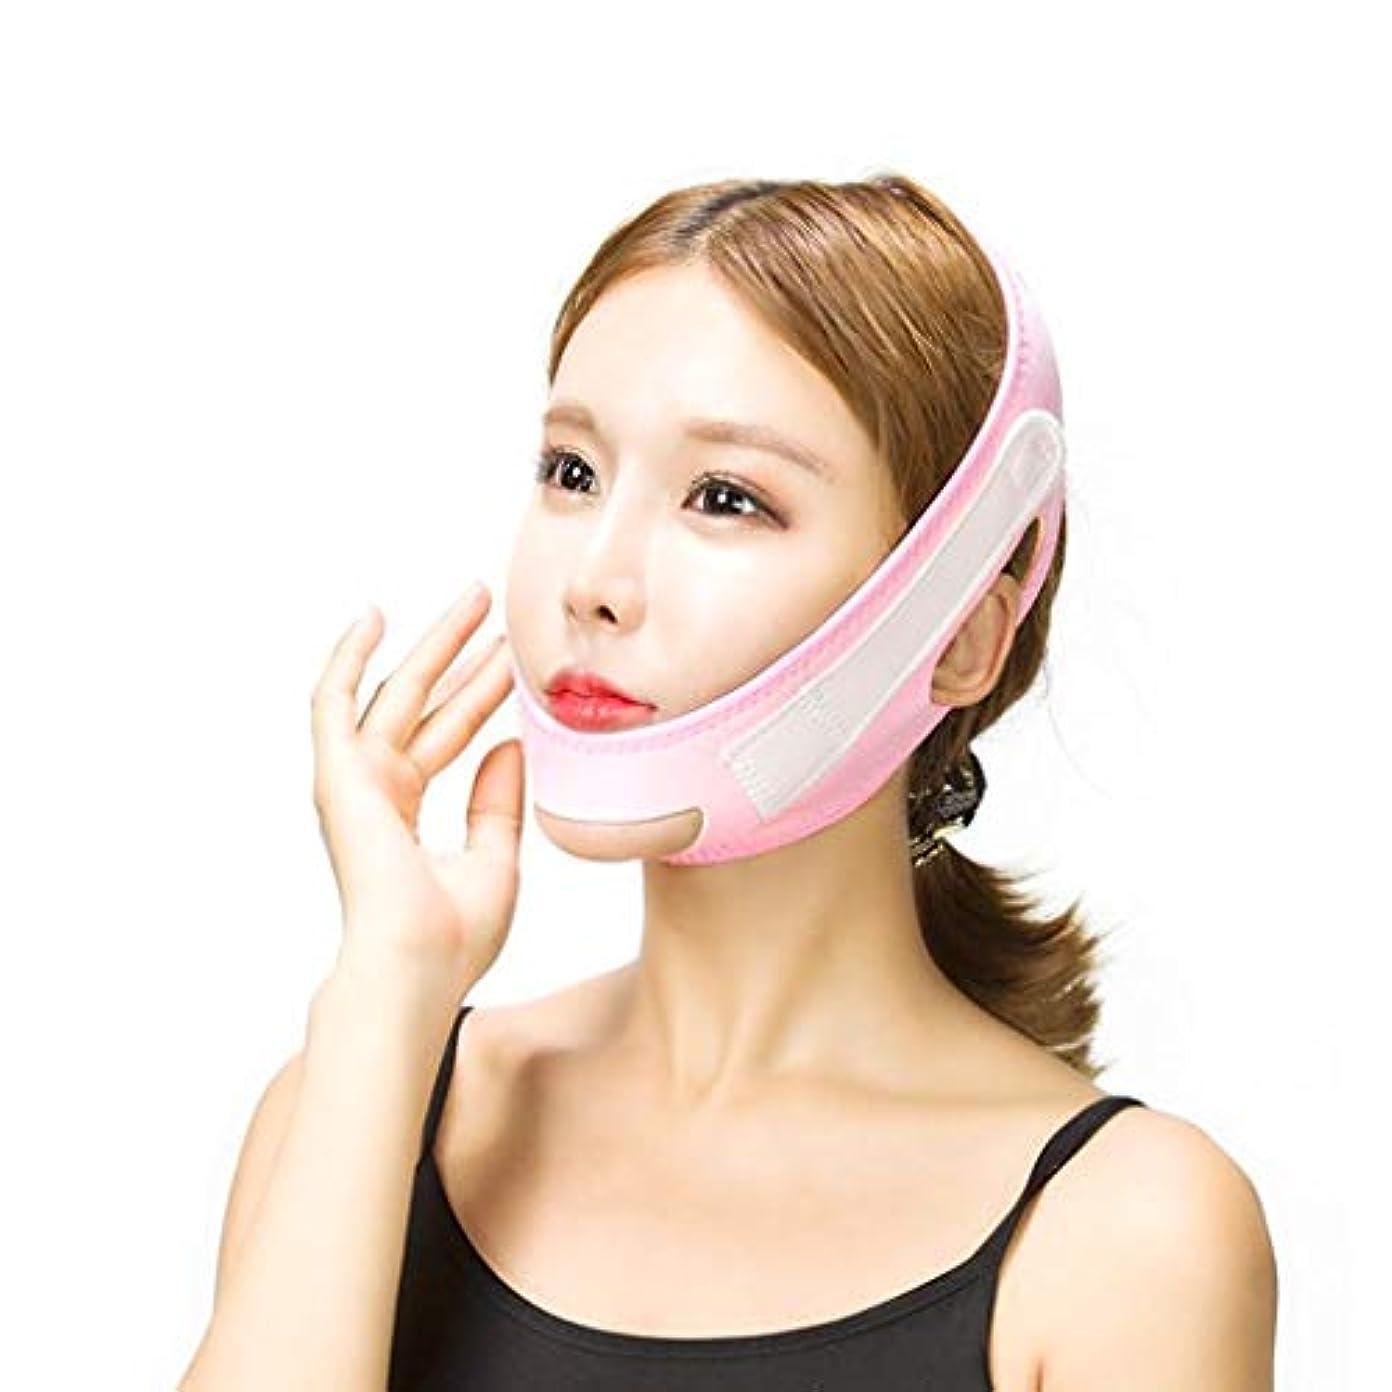 地質学織る先Jia He 軽量 薄い顔ベルト、ファーミングVフェイスマスクリフティング薄い顔の包帯薄い二重あご通気性睡眠 ## (Color : Pink)